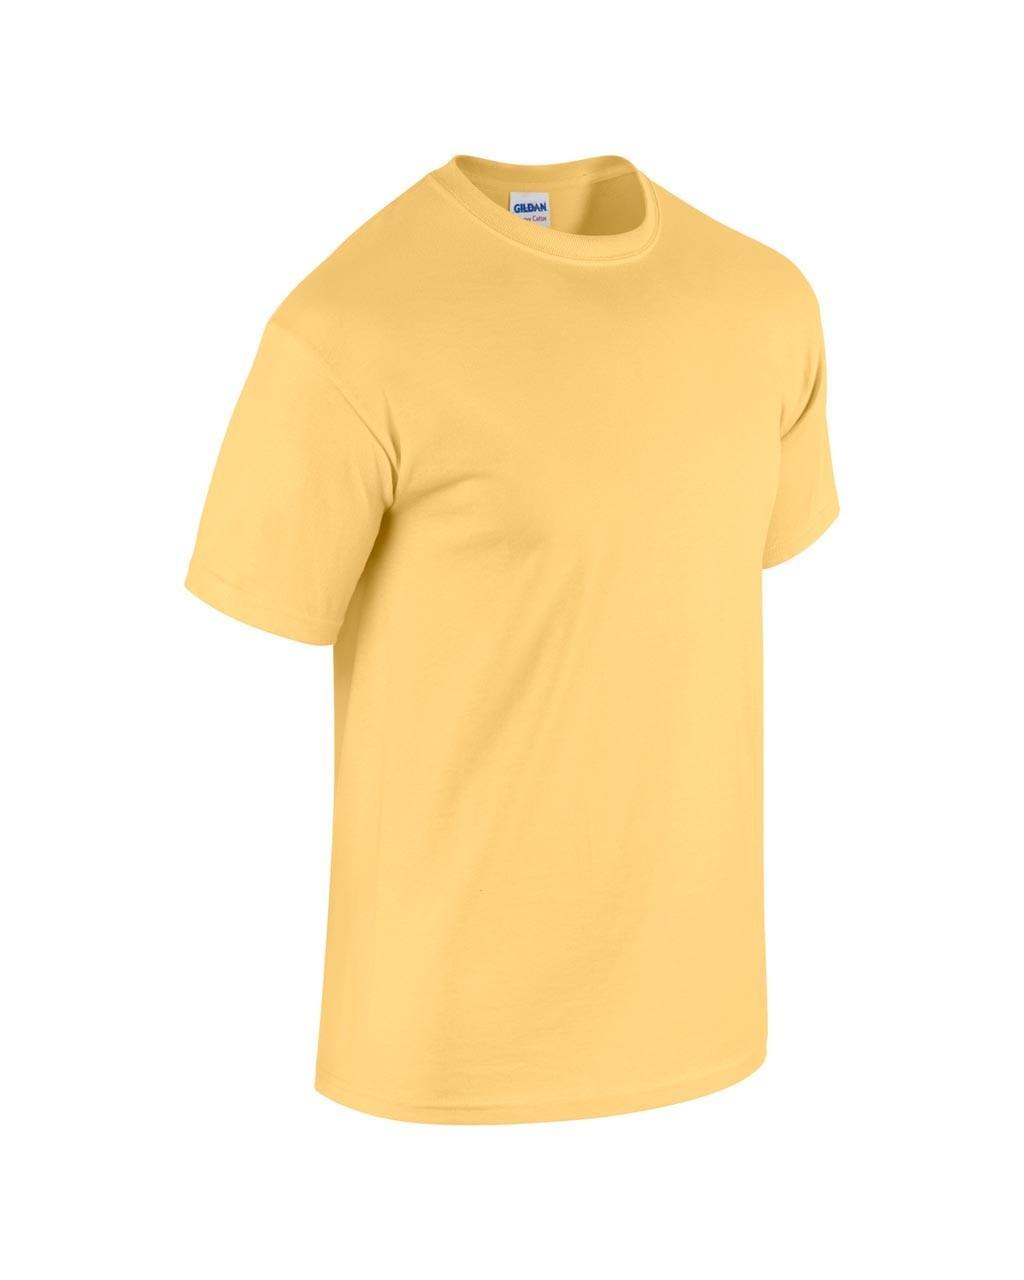 Gildan GI5000 férfi kereknyakú pamut póló - Színes 6868fabf9f